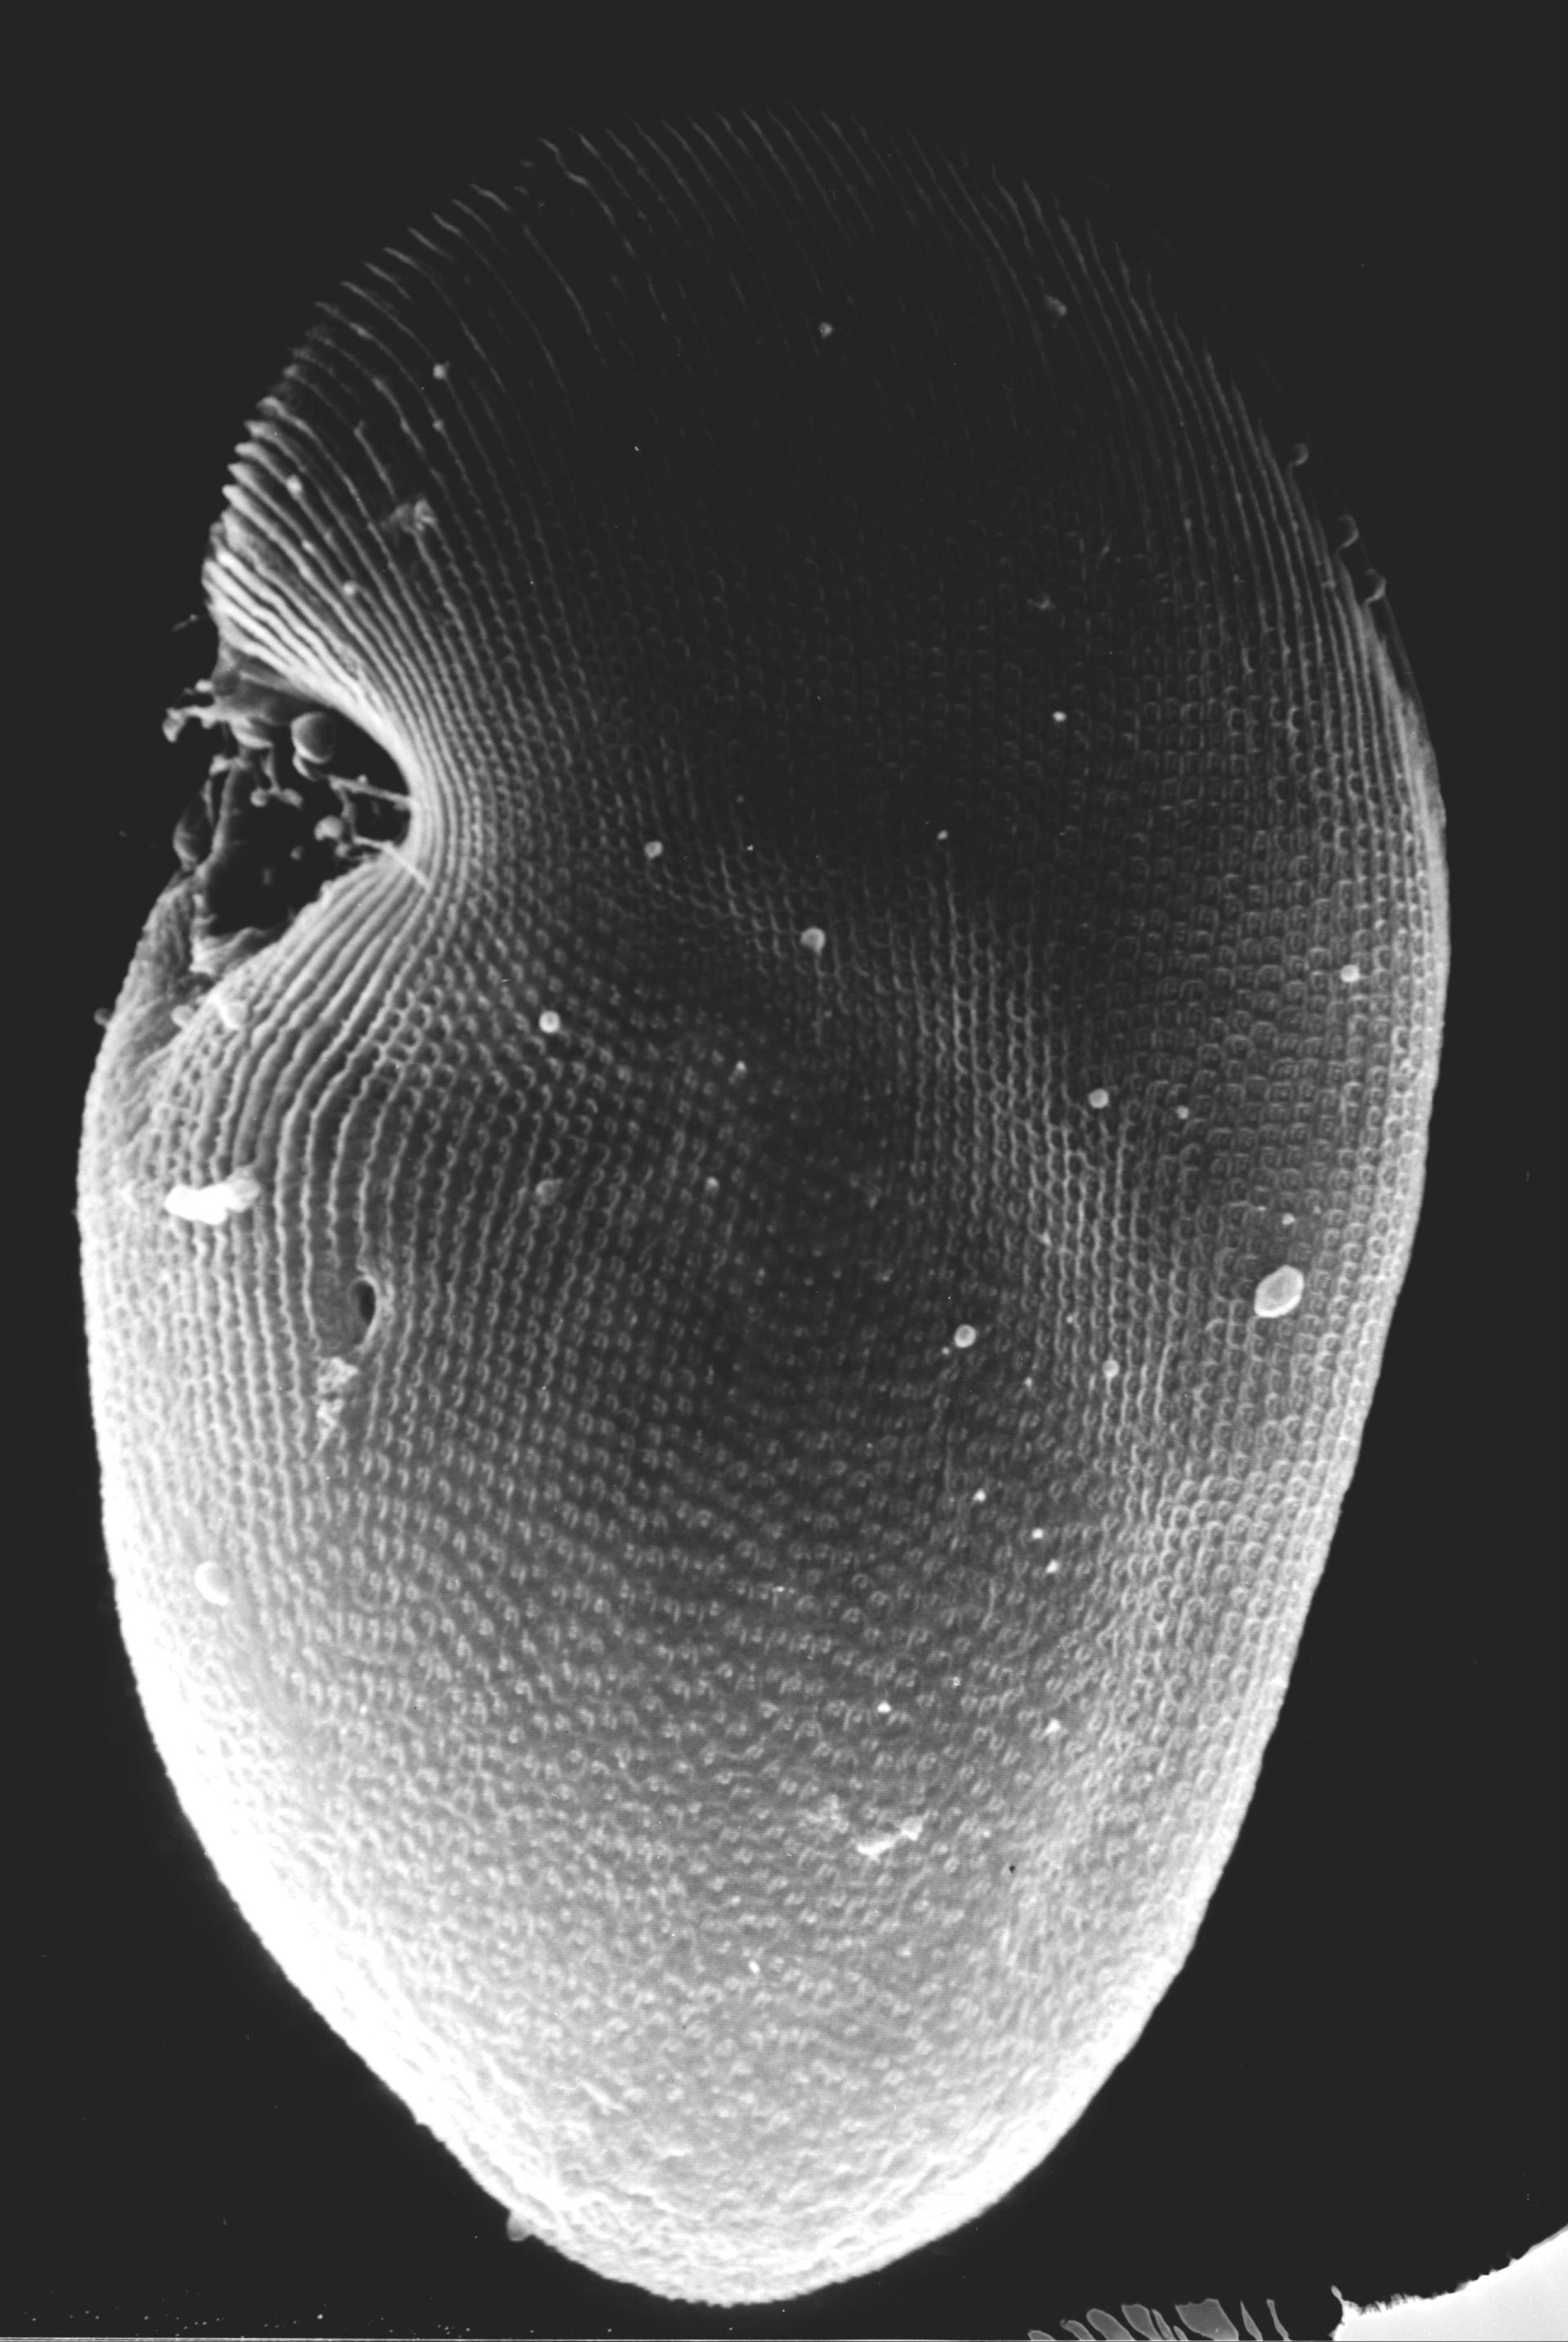 Conchophthirus curtus - CIL:40904